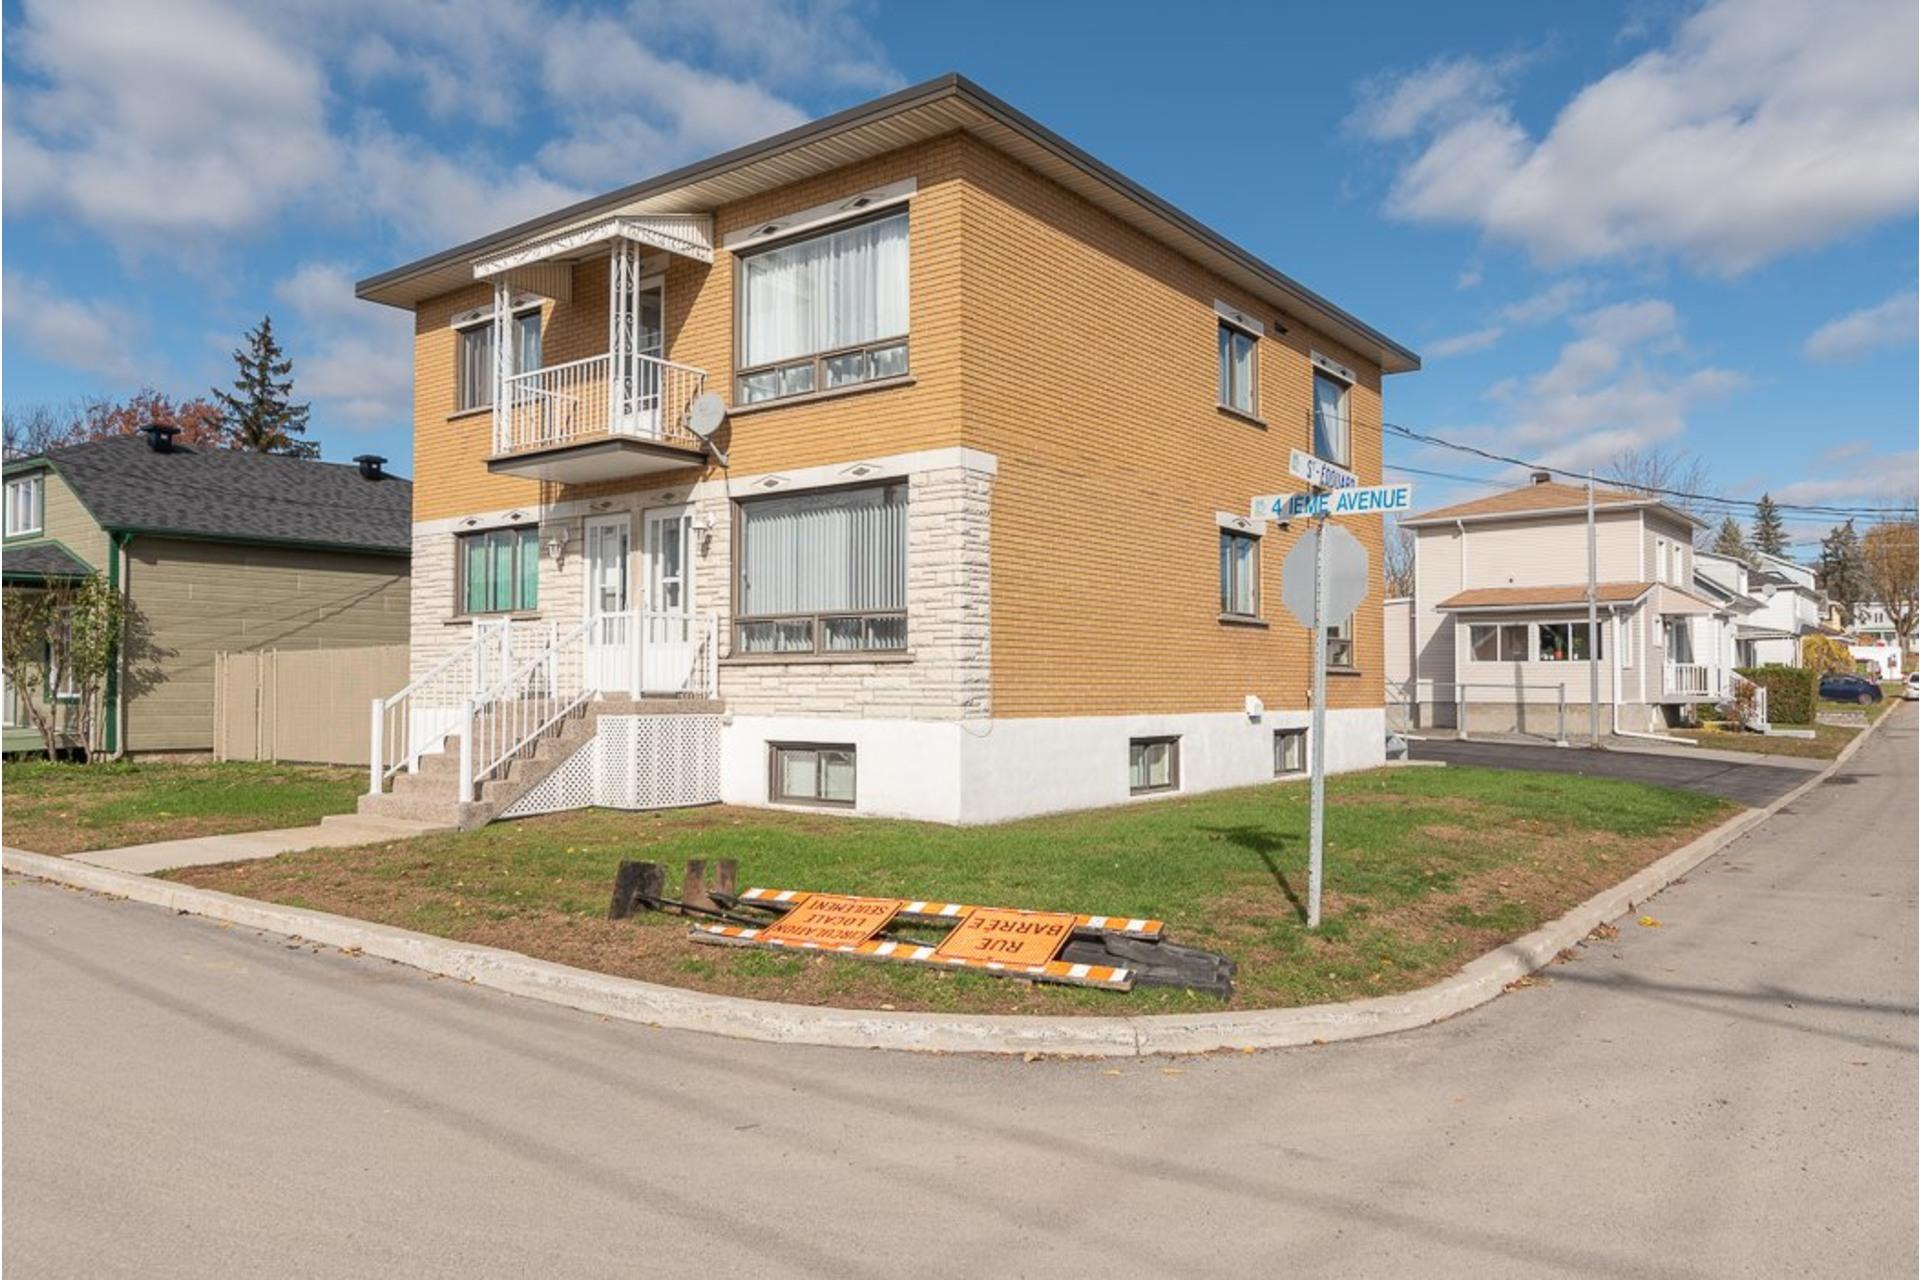 image 5 - Duplex À vendre Sainte-Anne-des-Plaines - 5 pièces